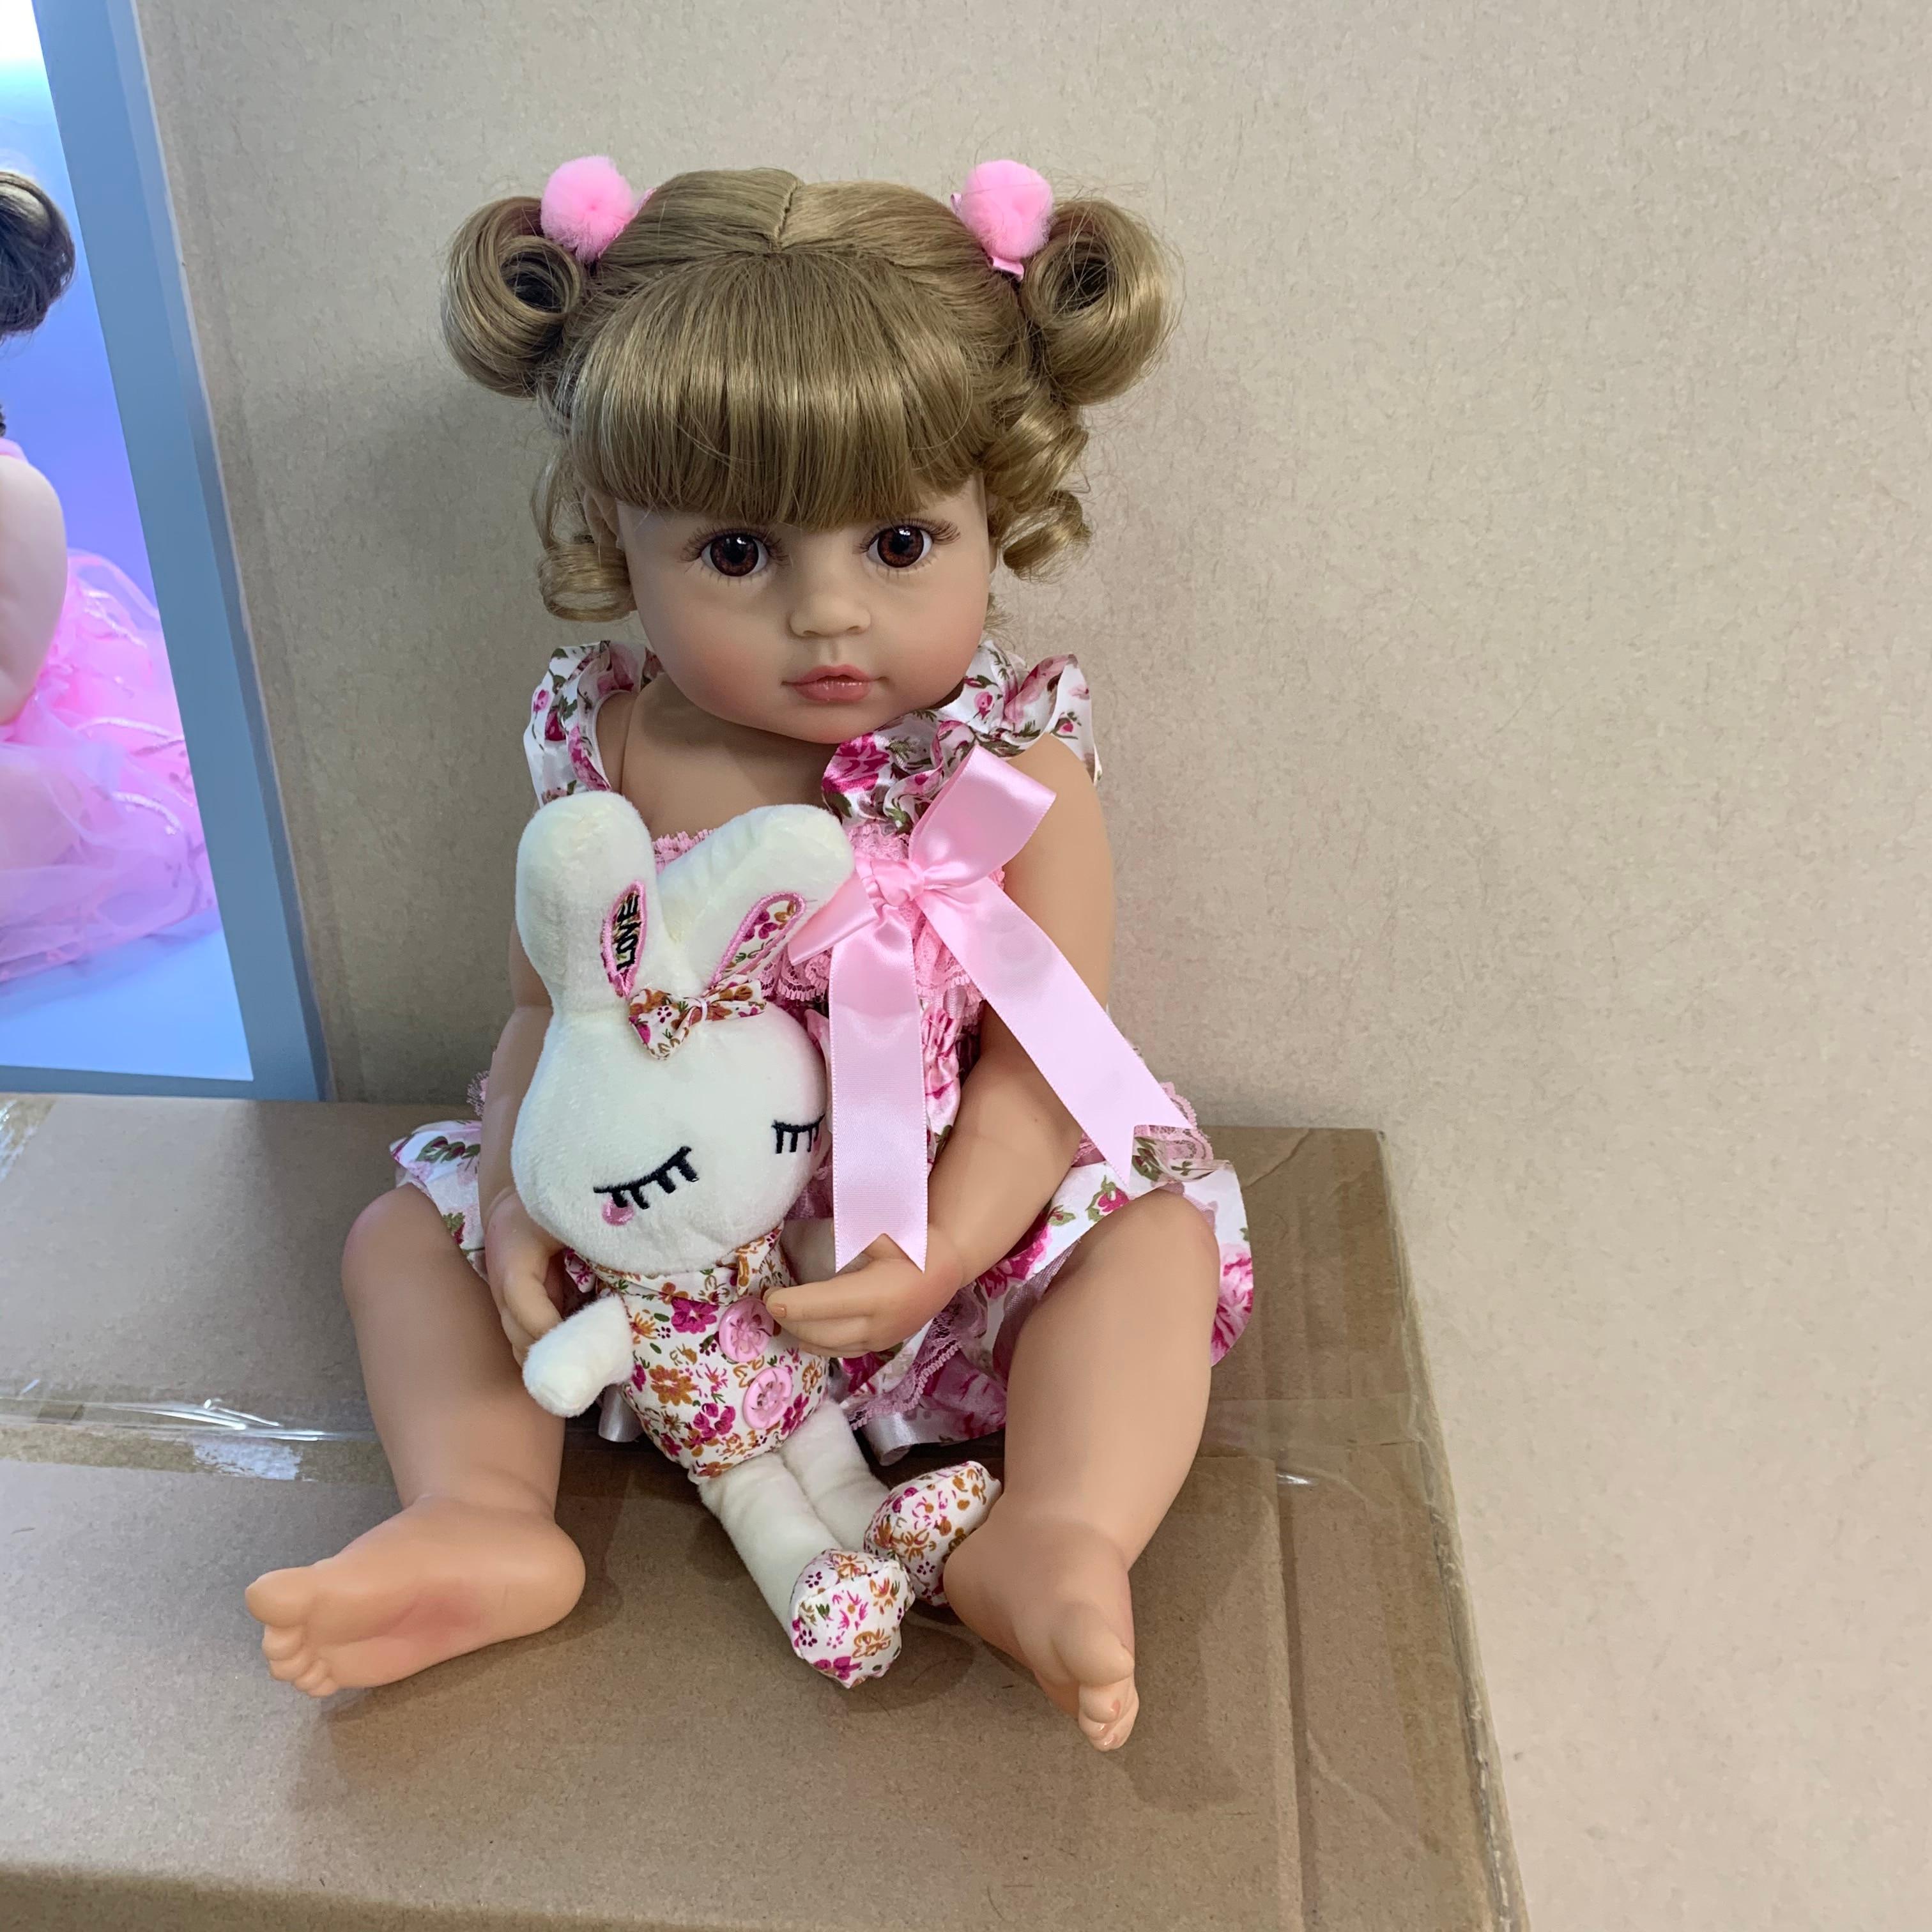 55 см оригинальный NPK reborn baby девочка принцесса кукла в розовой юбке Реалистичная очень мягкая силиконовая кукла для всего тела игрушка для ванны подарок Куклы      АлиЭкспресс